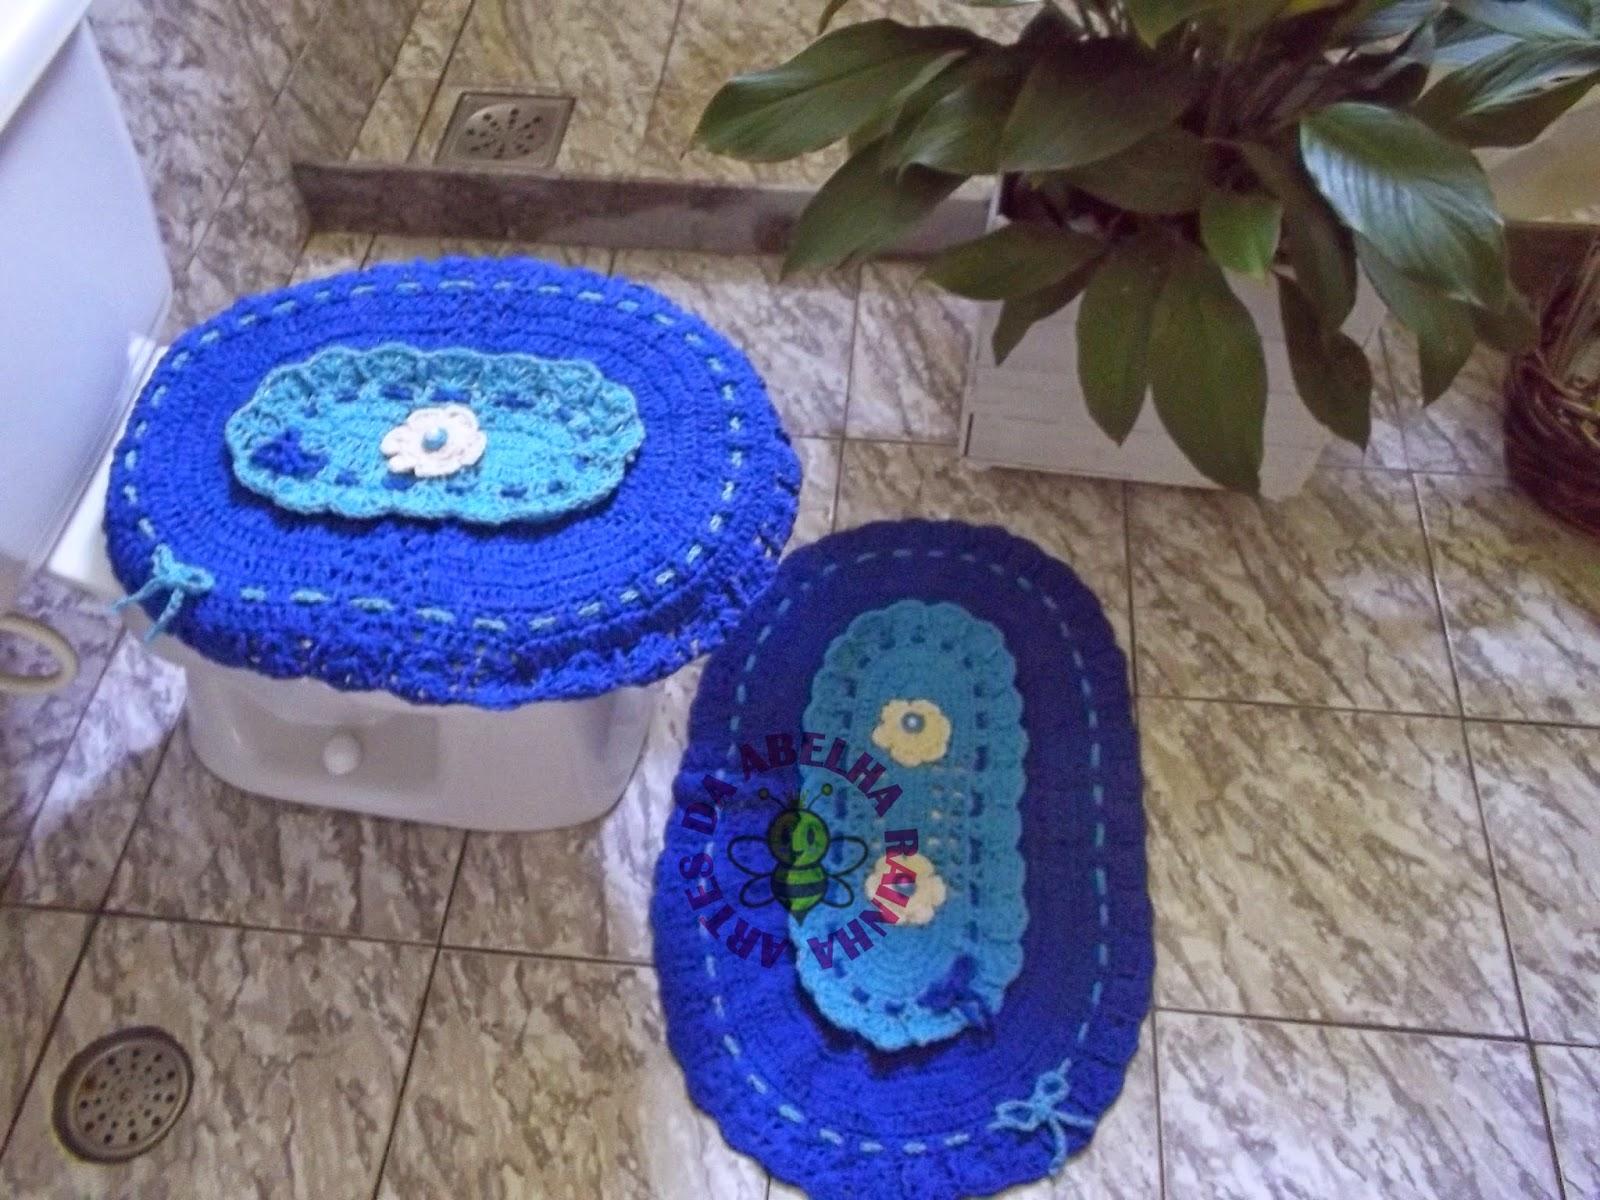 Artes da Abelha Rainha: Jogo de banheiro de crochê em barbante azul #1946B2 1600x1200 Banheiro Com Luz Azul